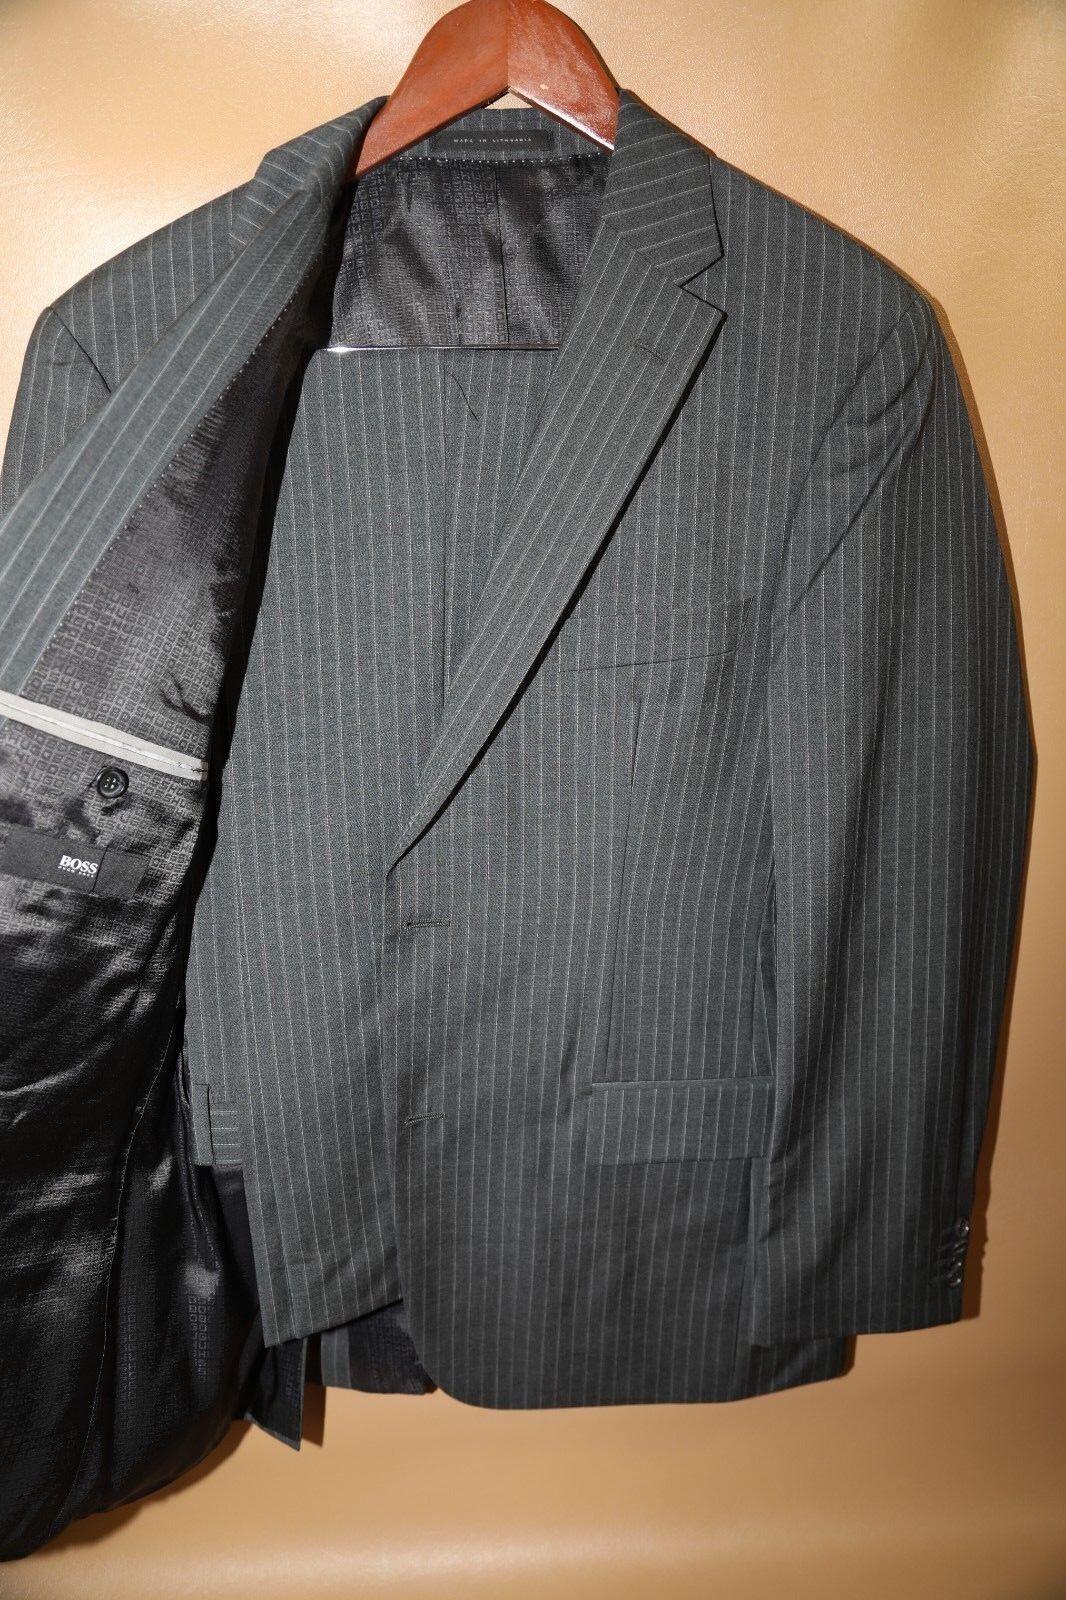 135 HUGO BOSS grau Pasini2/Movie2 Two Button Striped Suit Größe 40 R